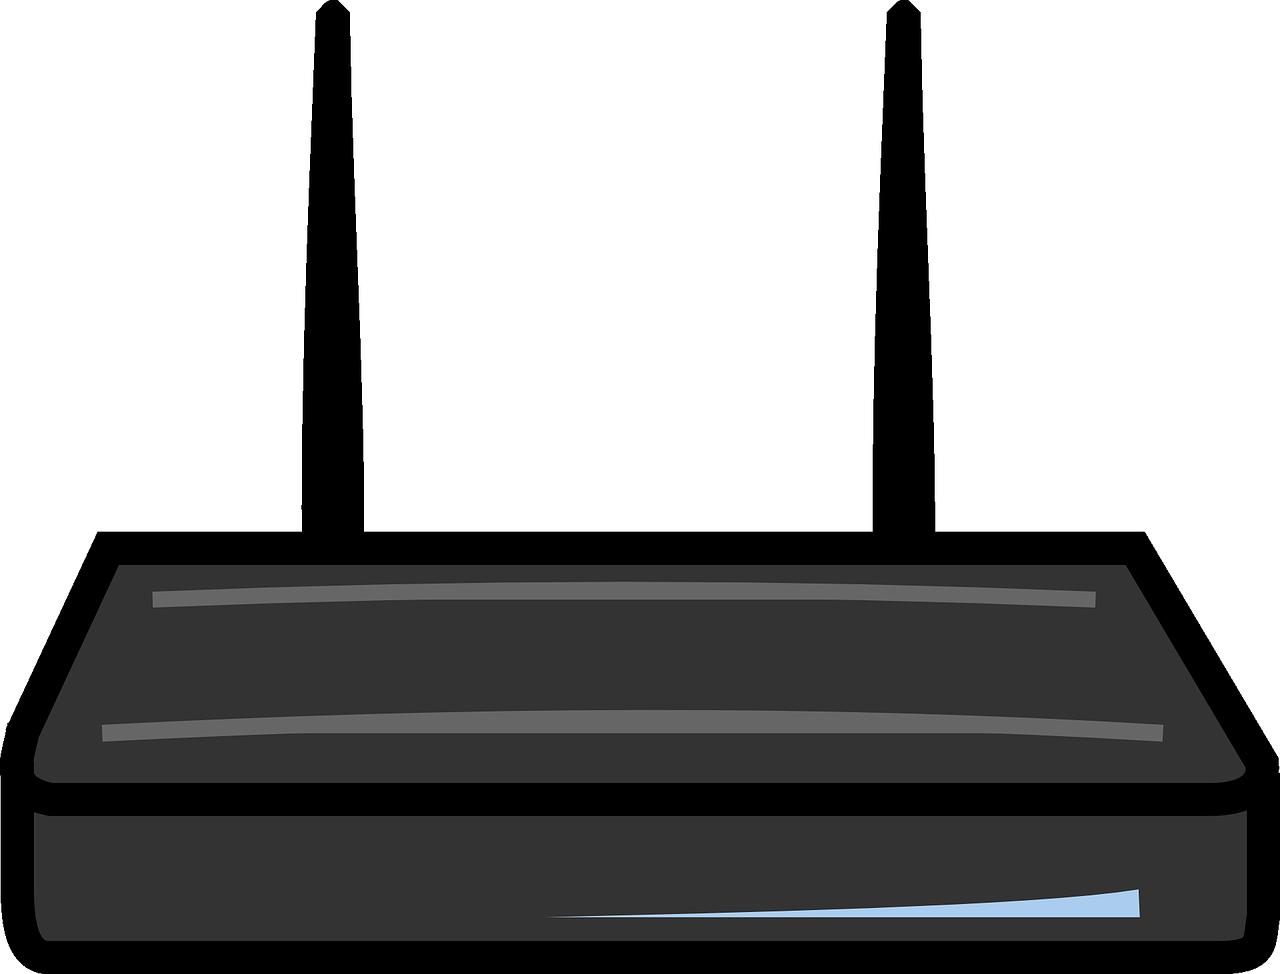 D Link Router Test Vergleich Bestseller 2018 Dir 842 Wireless Ac1200 Gigabit